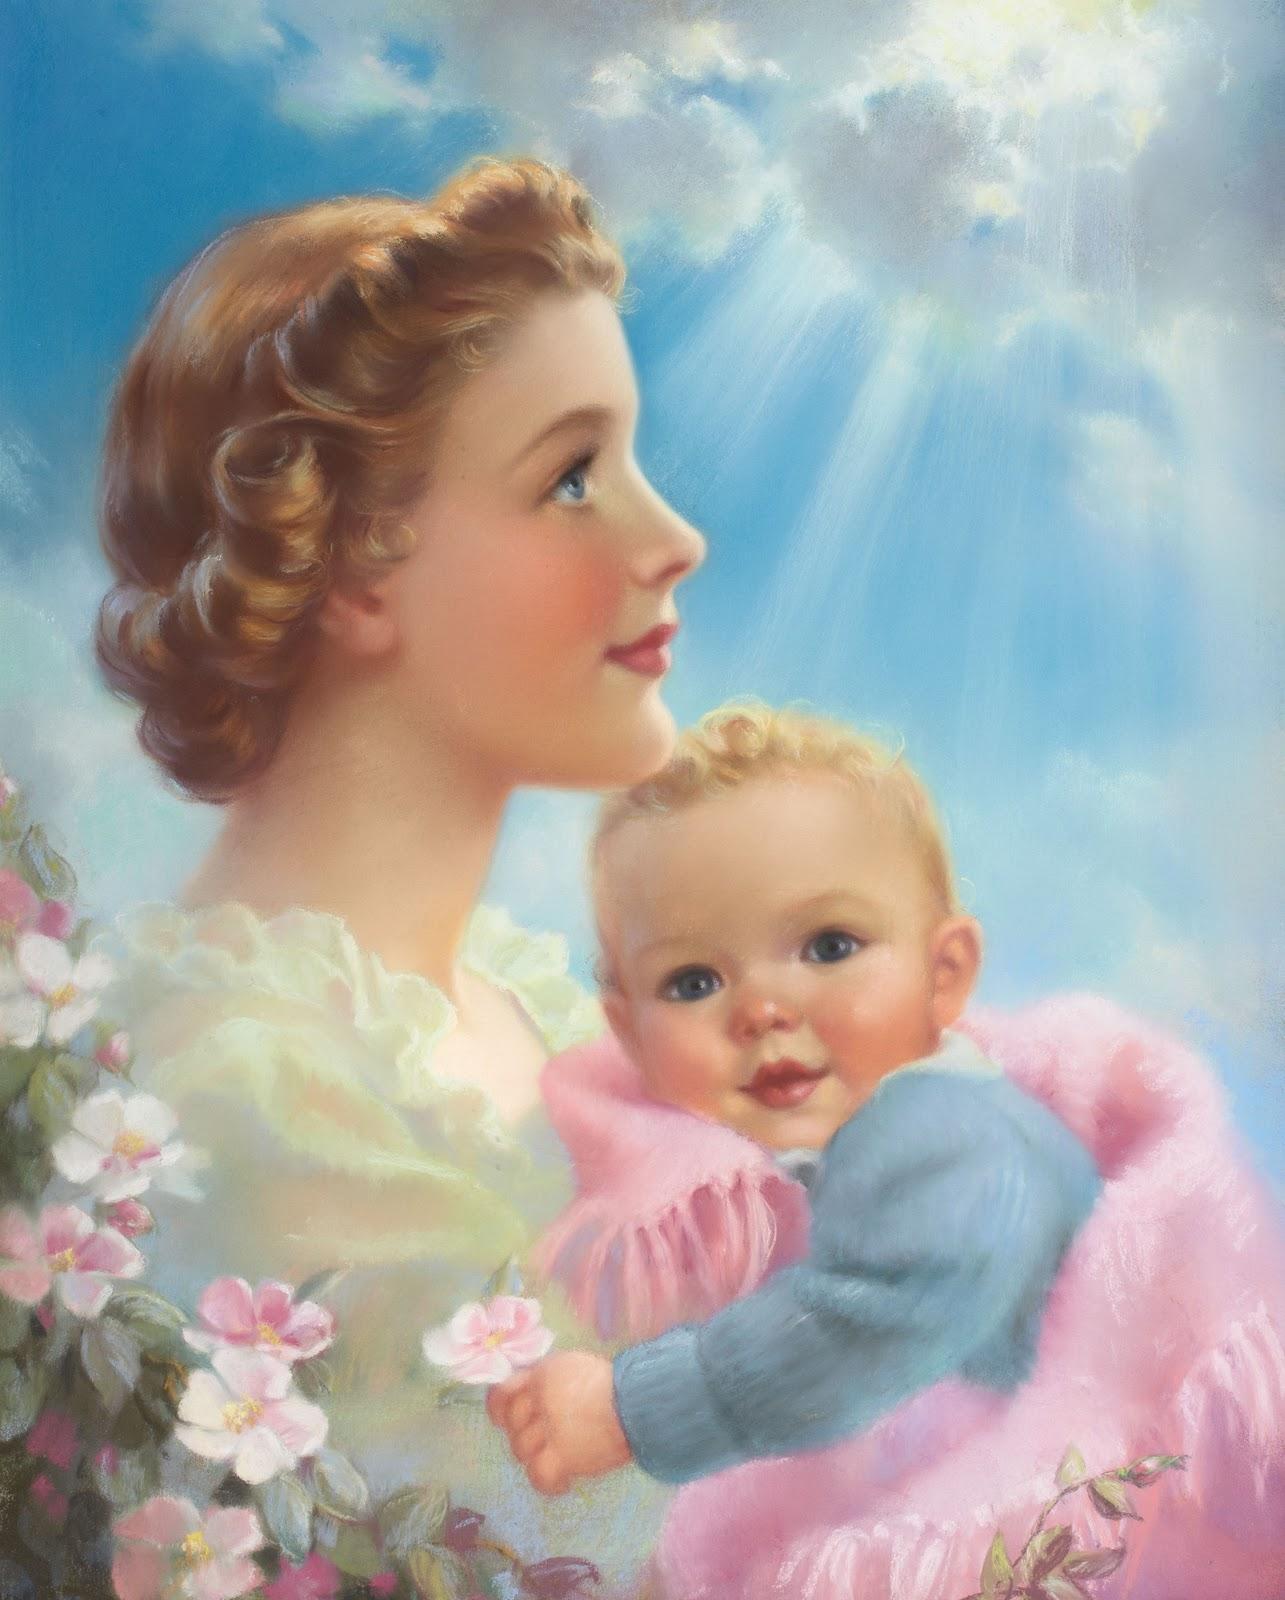 лекарственной картинки день матери россии день матерей часто быту называем